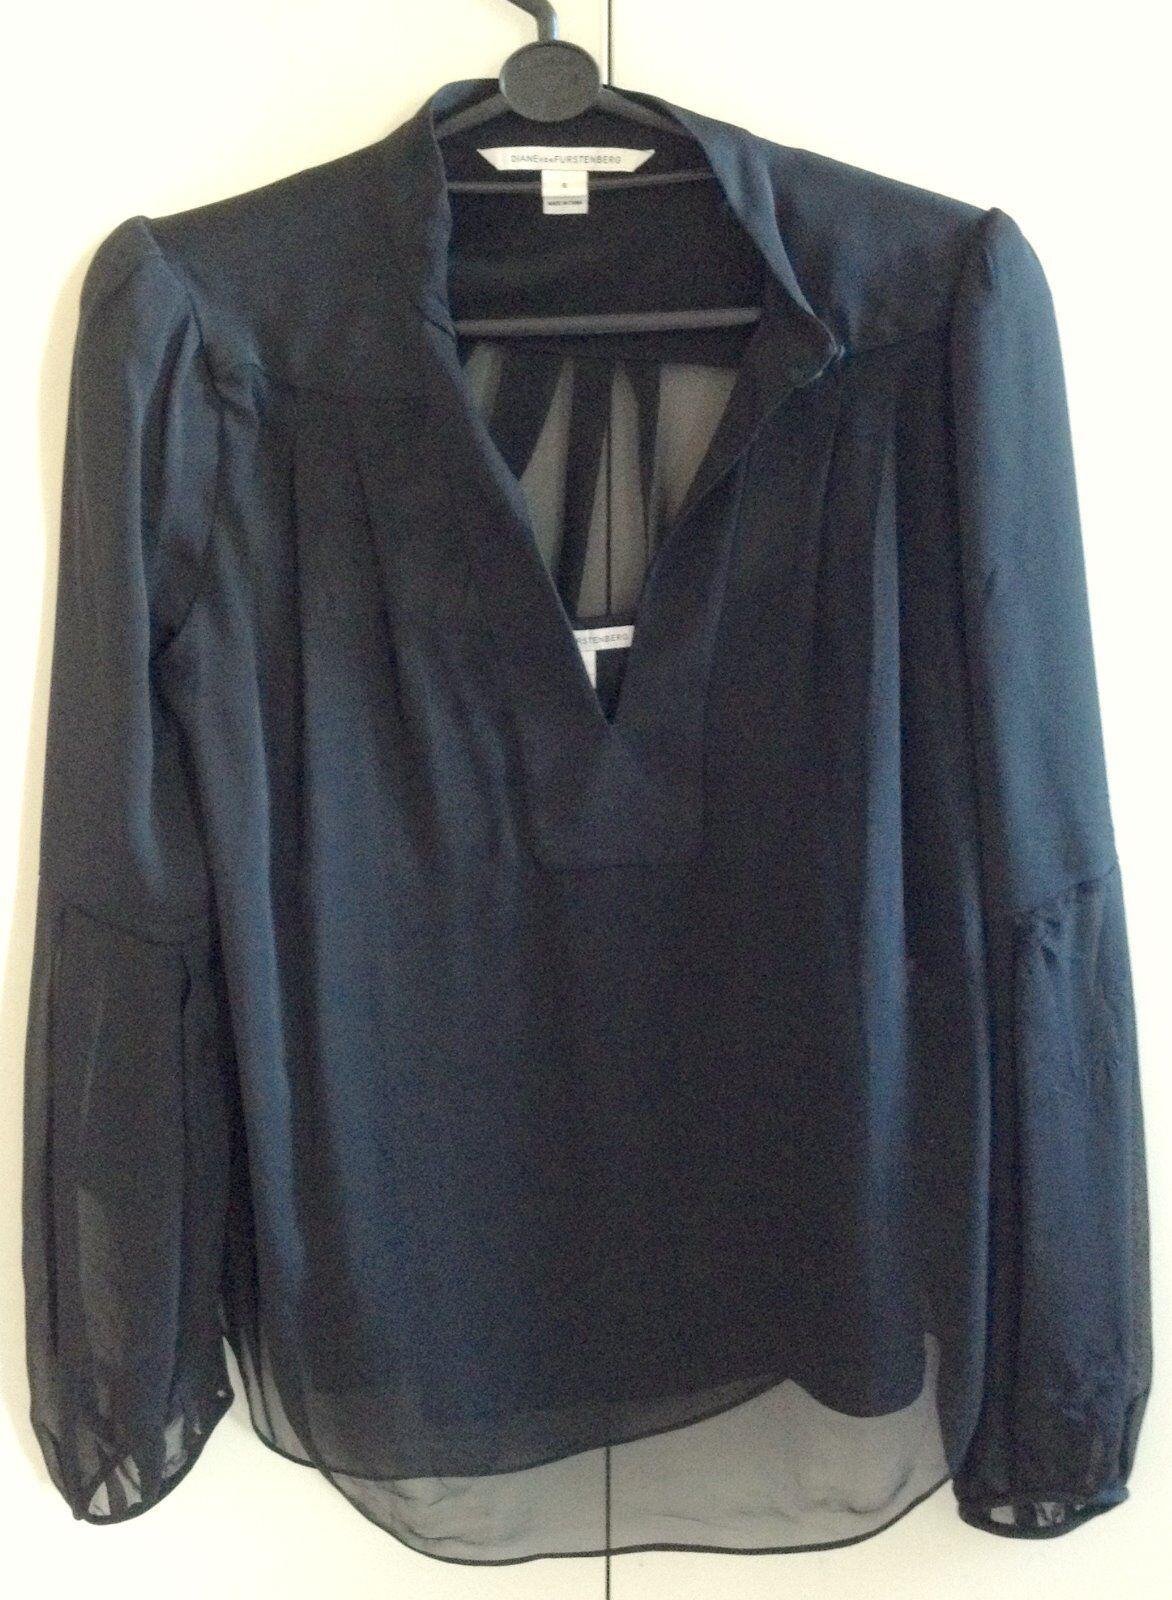 Exquisite Diane von Furstenberg Retro schwarz Ladies Silk Top with Silk Cami Small